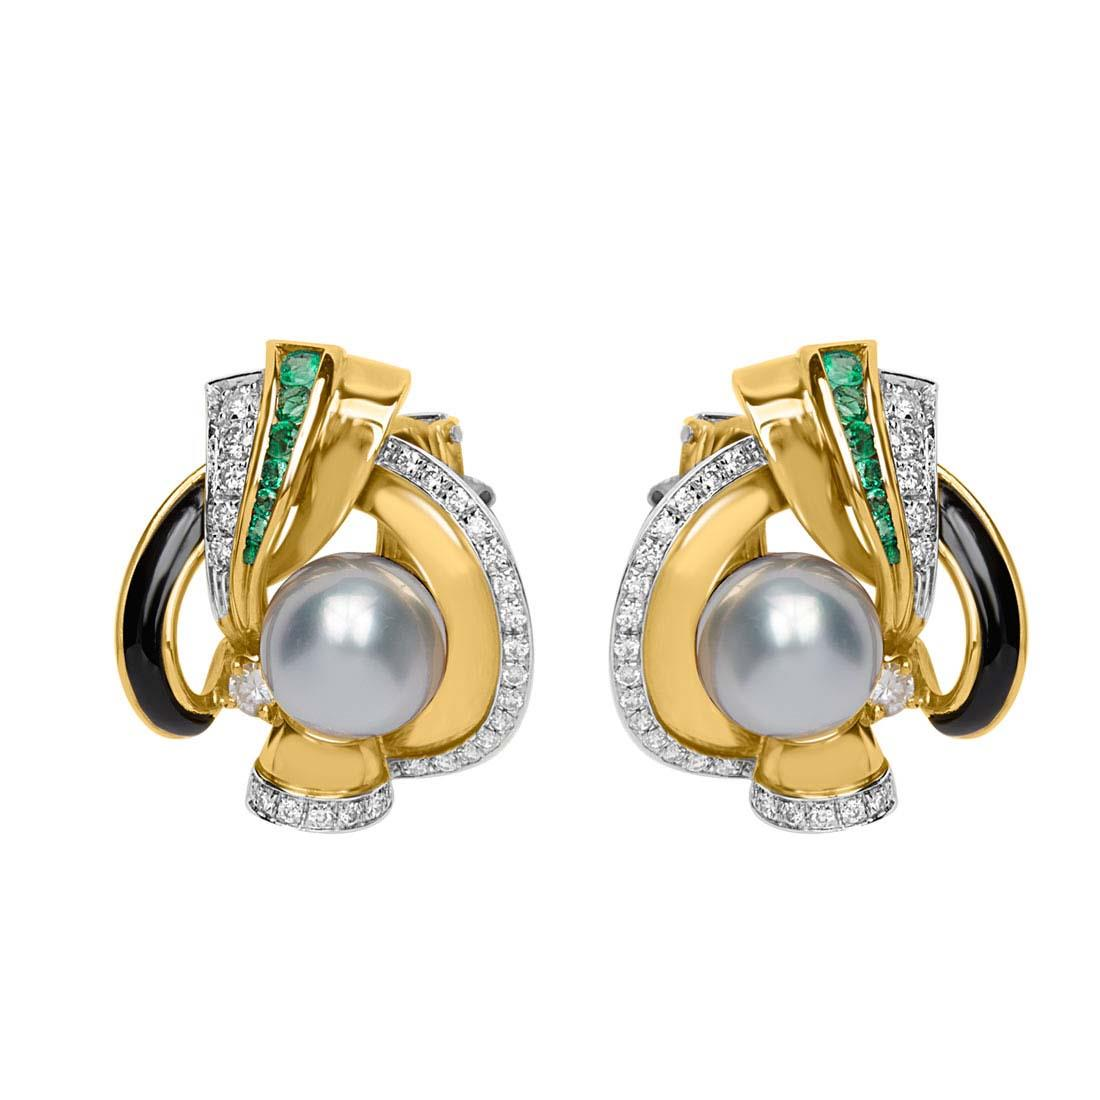 Orecchini in oro giallo con diamanti ct 1.20 e pietre - ORO&CO